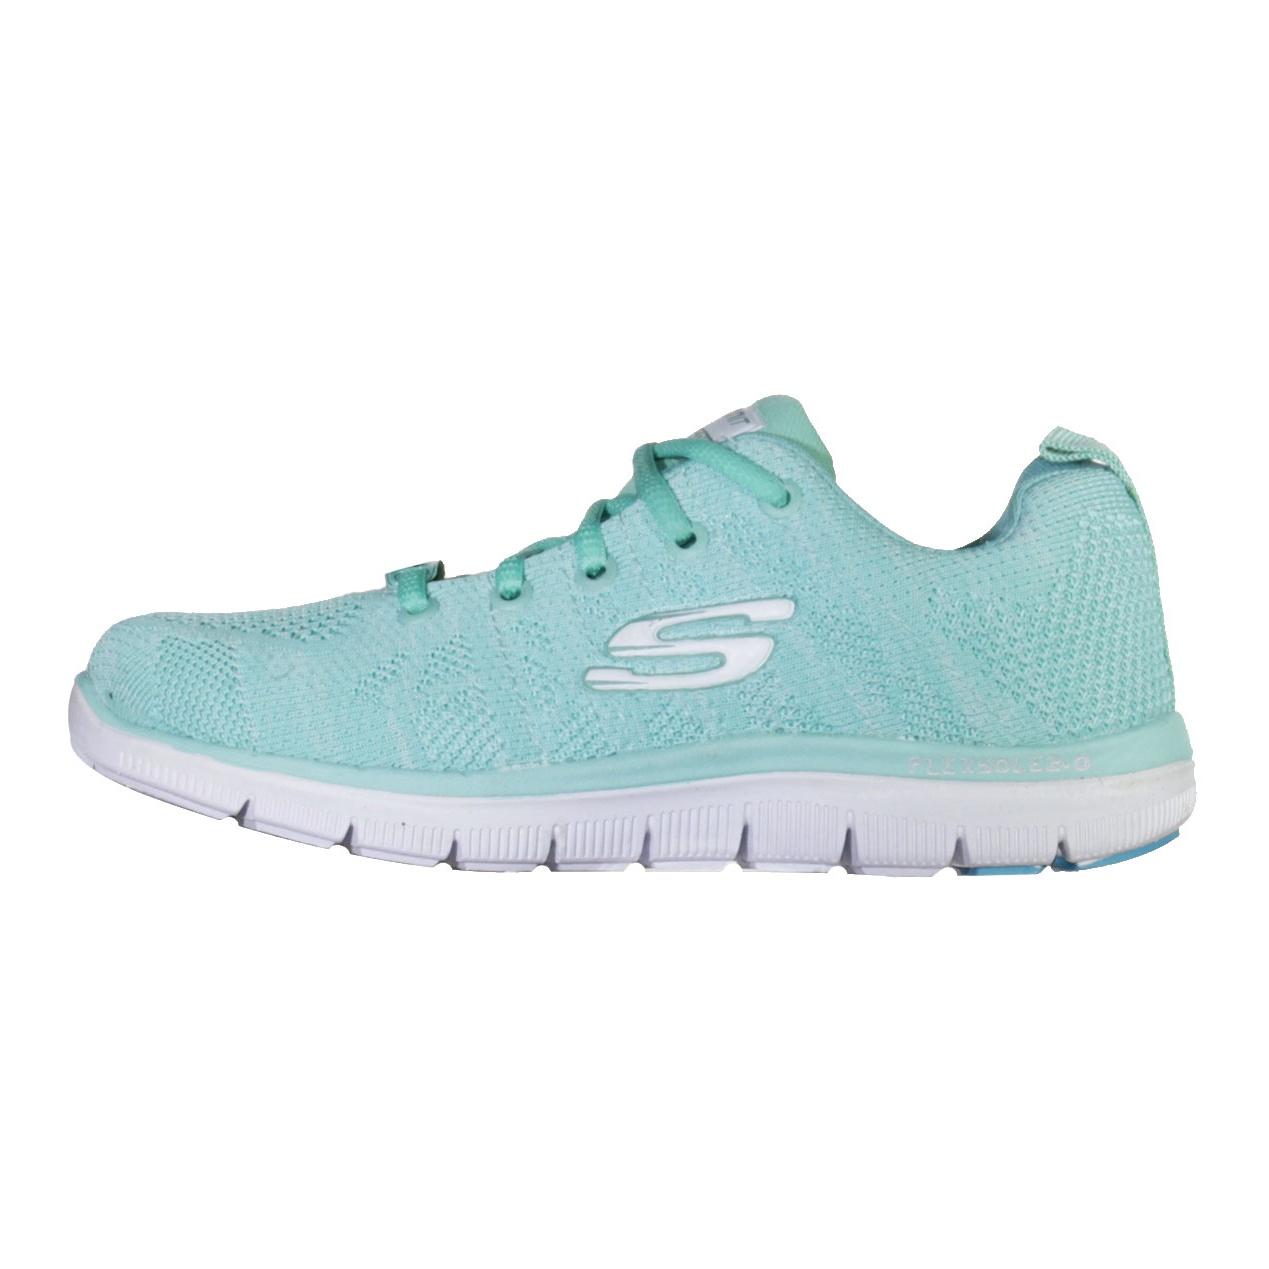 کفش مخصوص پیاده روی زنانه مدل Emilia کد 01